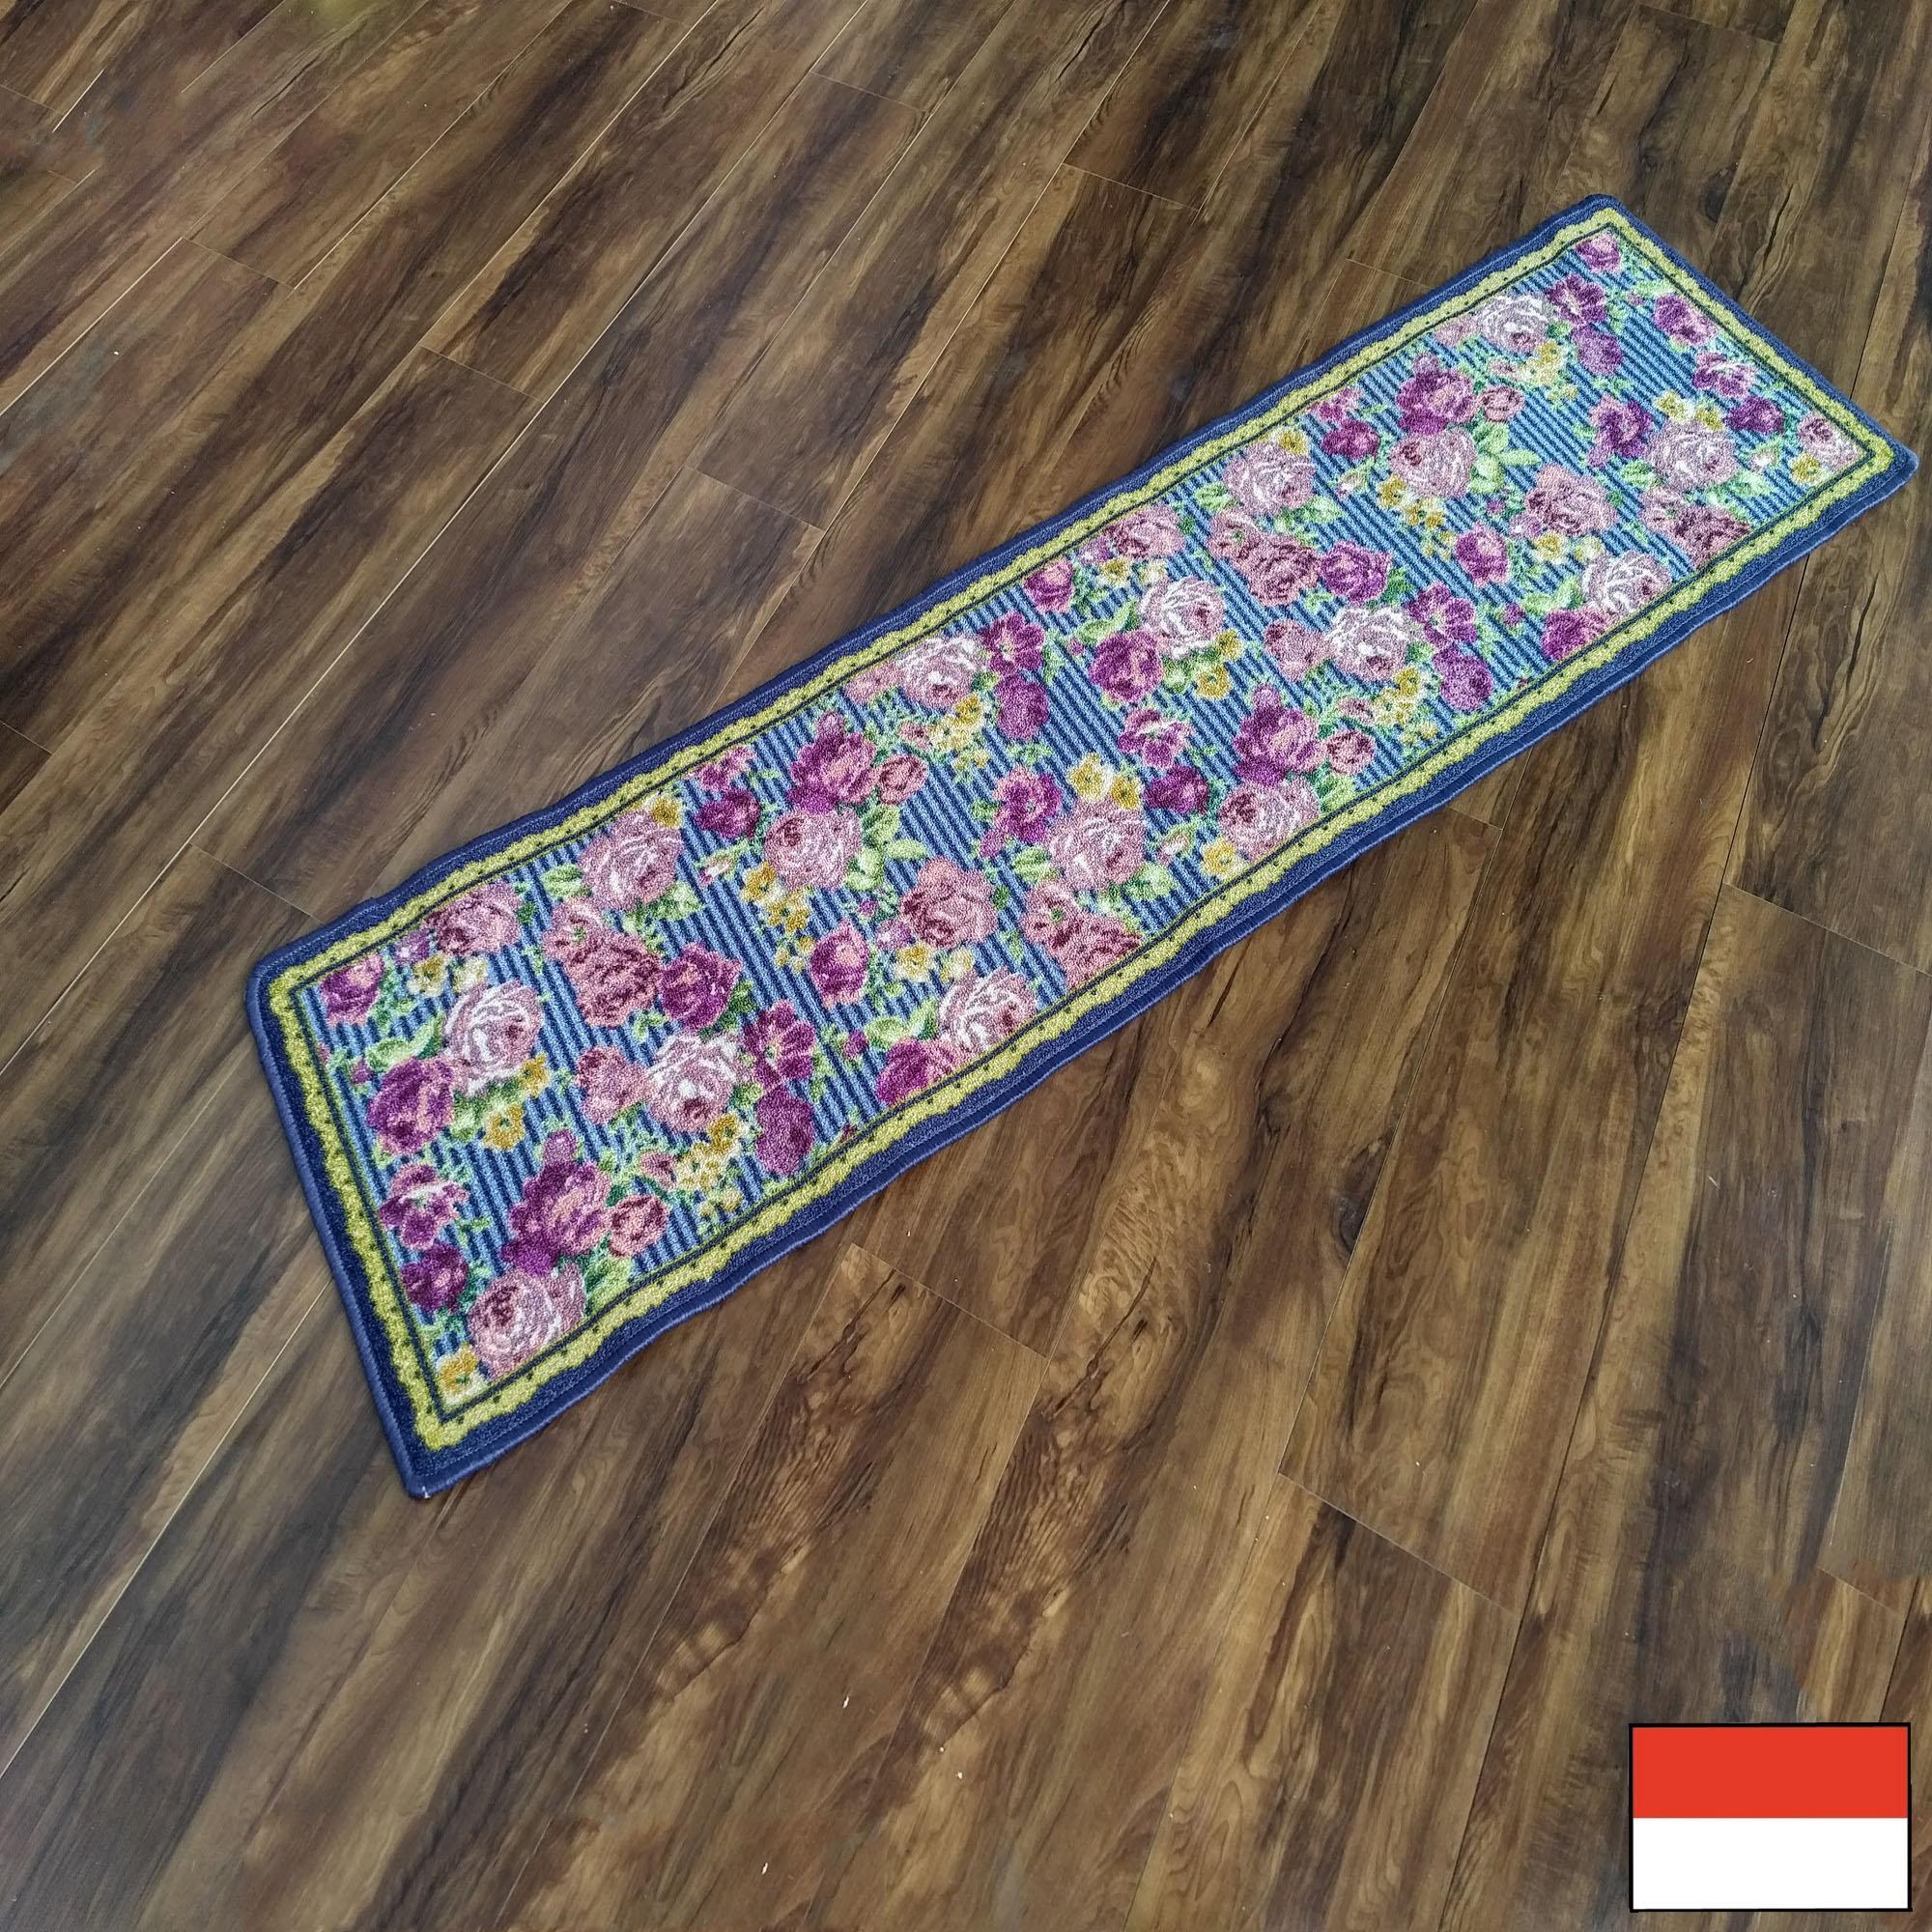 Tren-D-rugs - Kitchen Mat - Rug / Keset dapur / karpet lorong